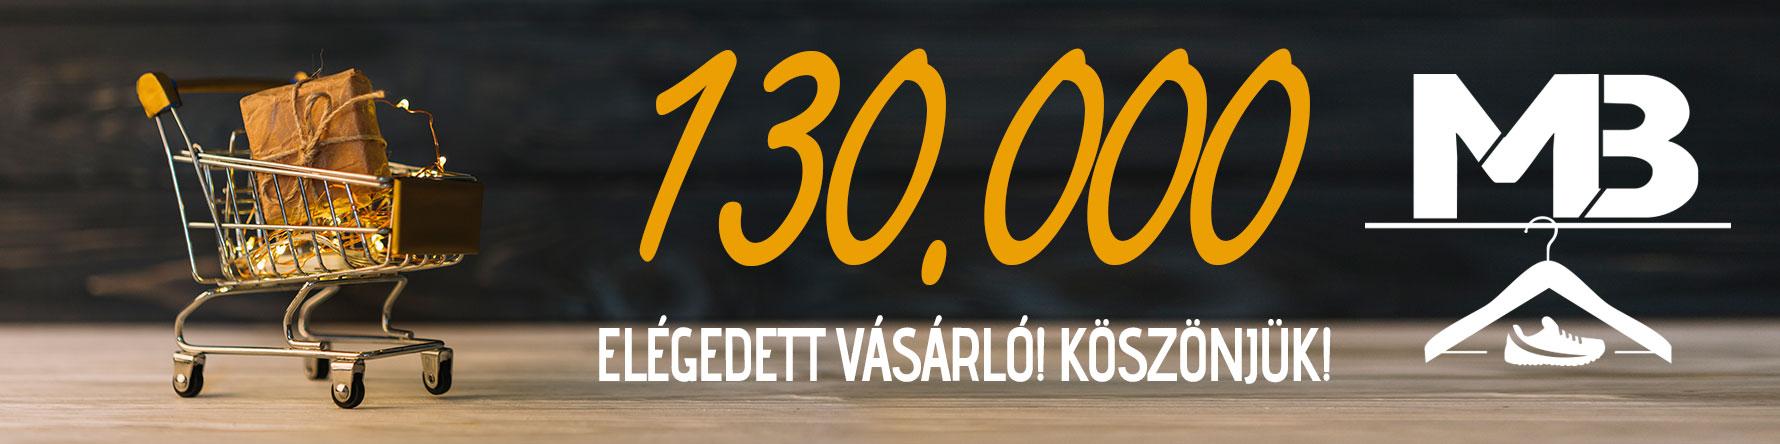 130.000 elégedett vásárló! Köszönjük!